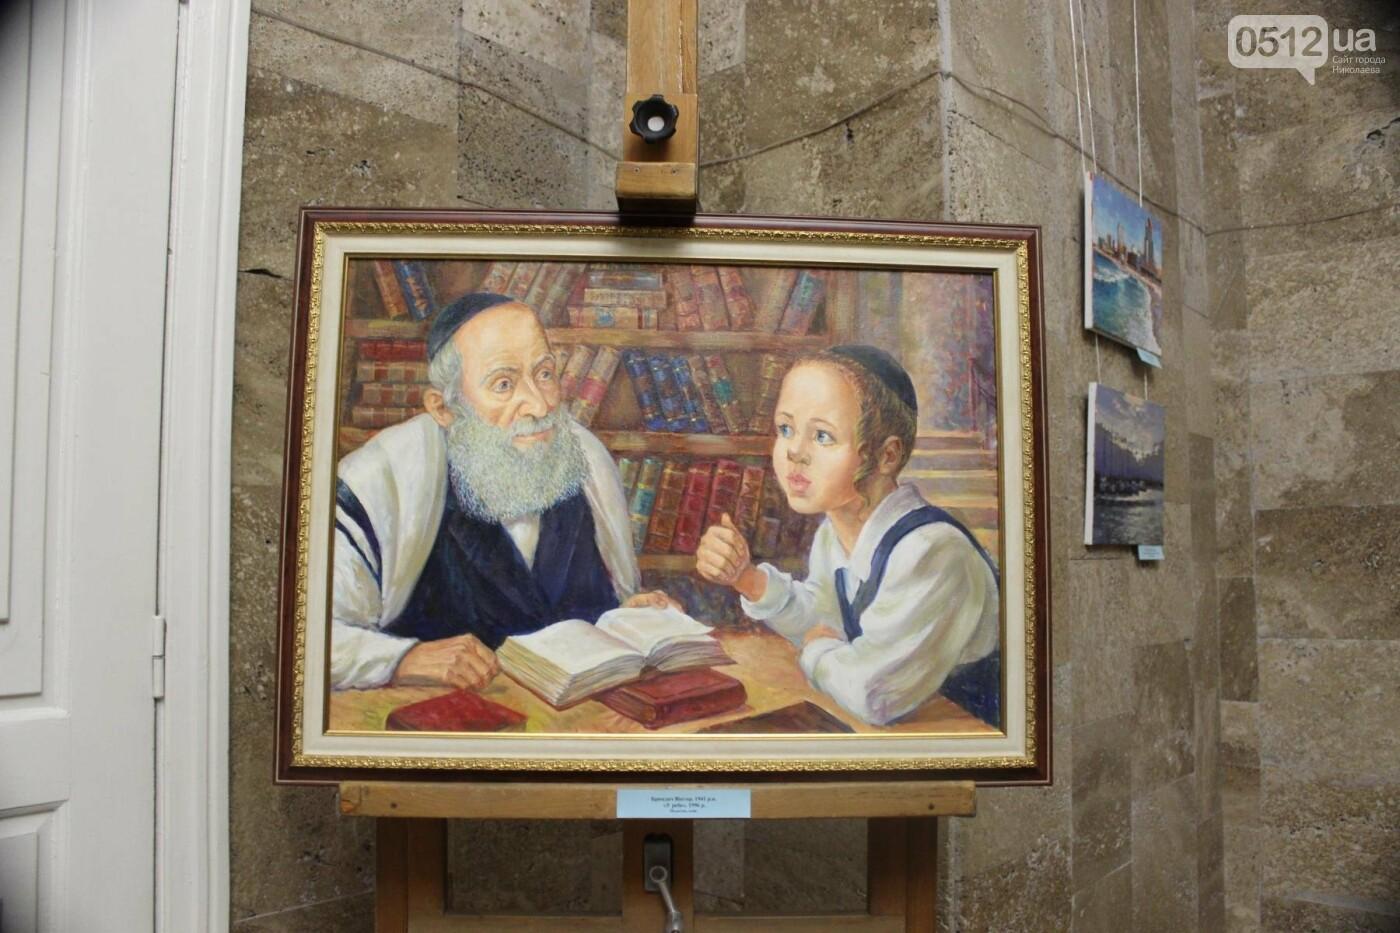 В Николаеве презентовали работы израильских художников к 175-ти летию Верещагина, - ФОТО, фото-16